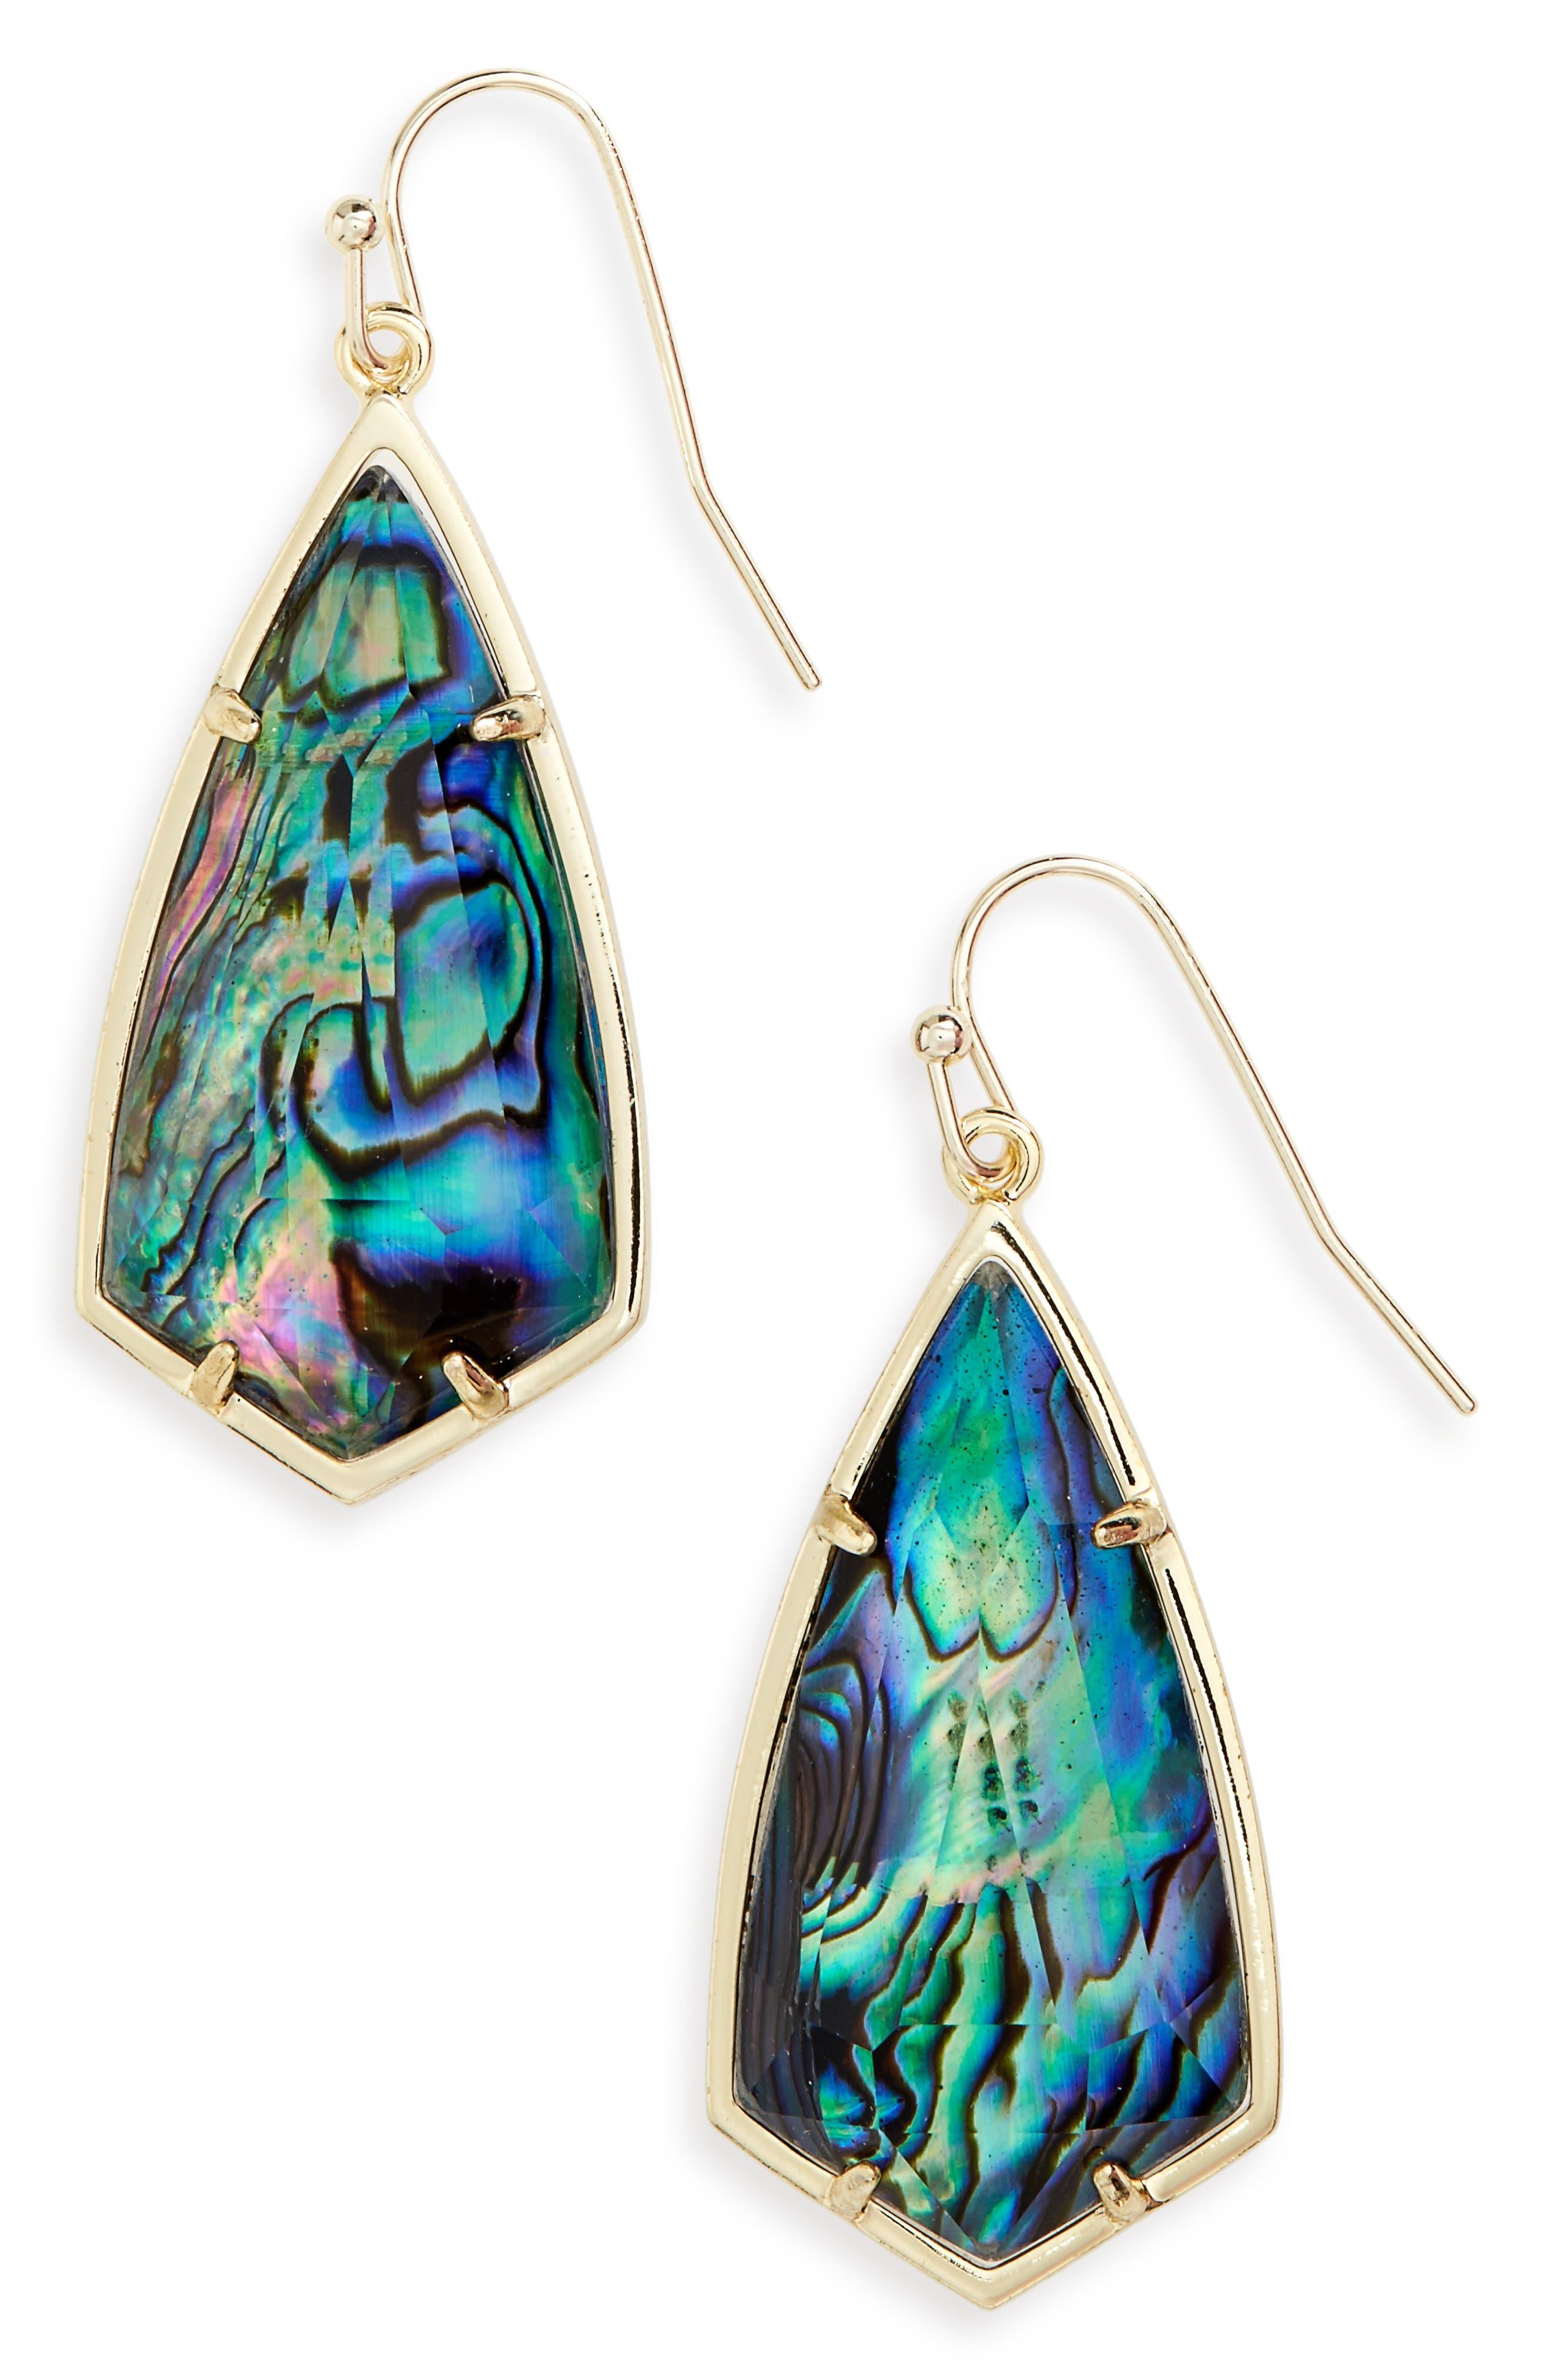 Kendra Scott Carla Semiprecious Stone Drop Earrings